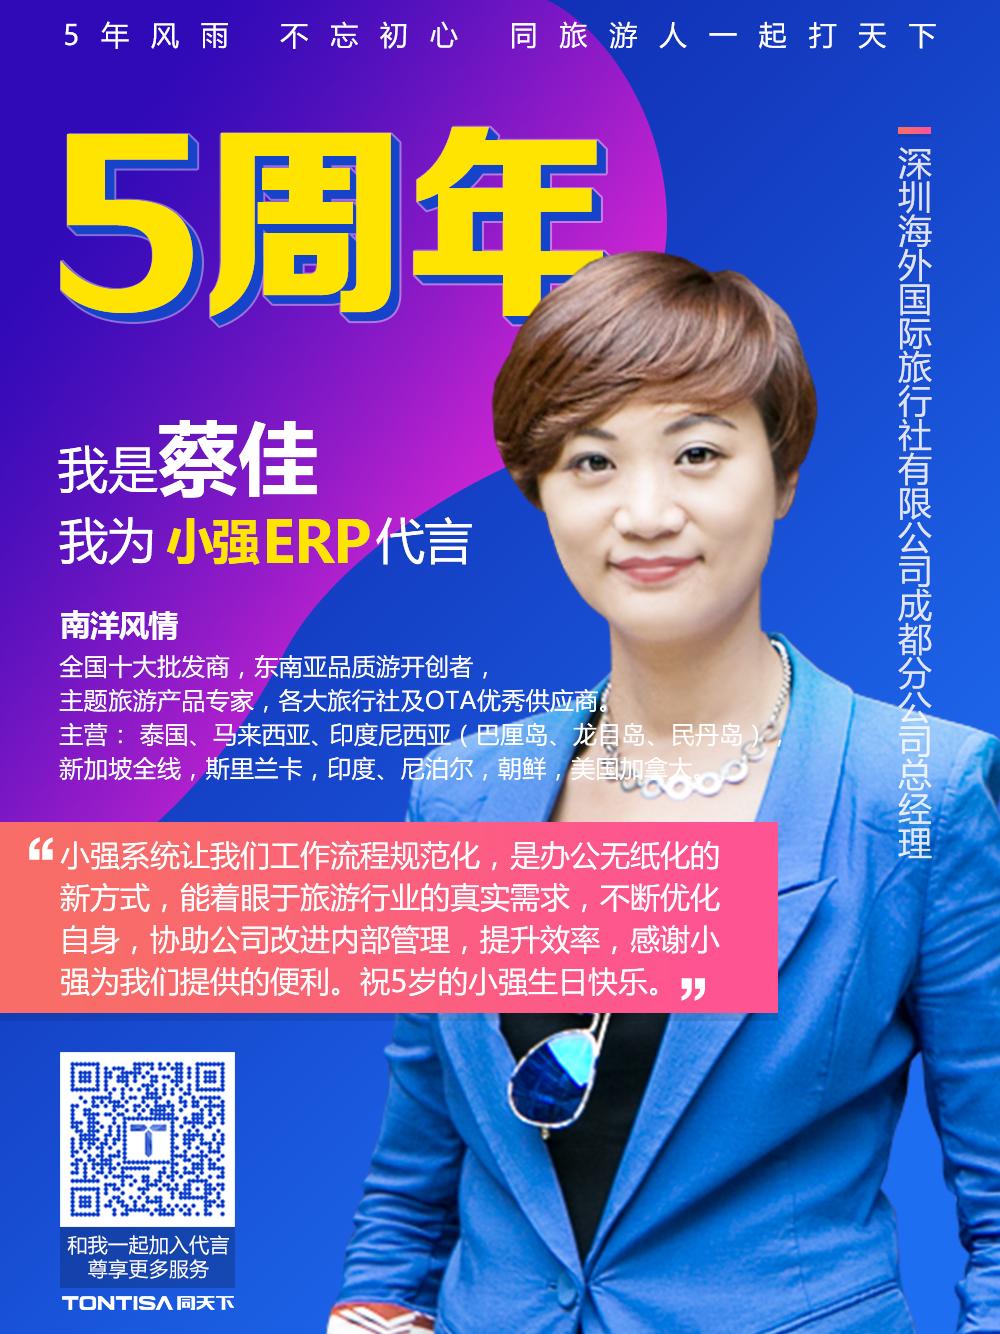 14、五周年系列海报(蔡佳).jpg